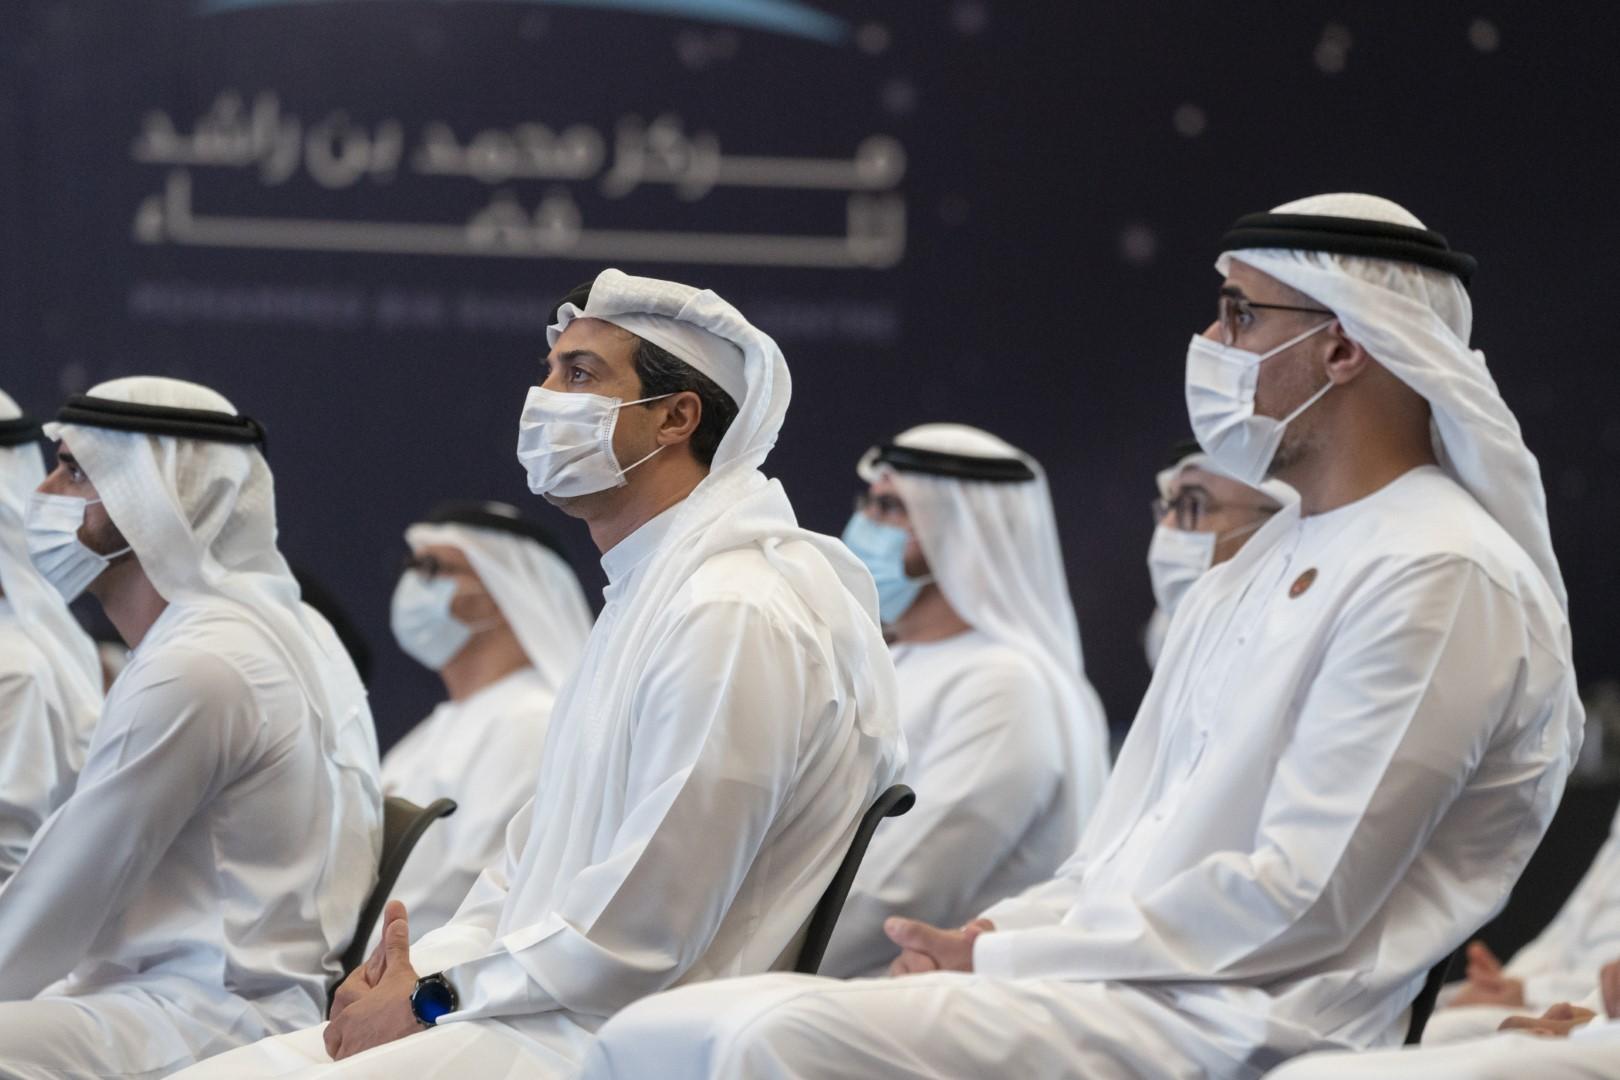 محمد بن راشد ومحمد بن زايد يكرمان فريق مشروع الإمارات لاستكشاف المريخ ويؤكدان أن مسيرة الـ50 عاماً في بناء إمارات المستقبل انطلقت بقوة